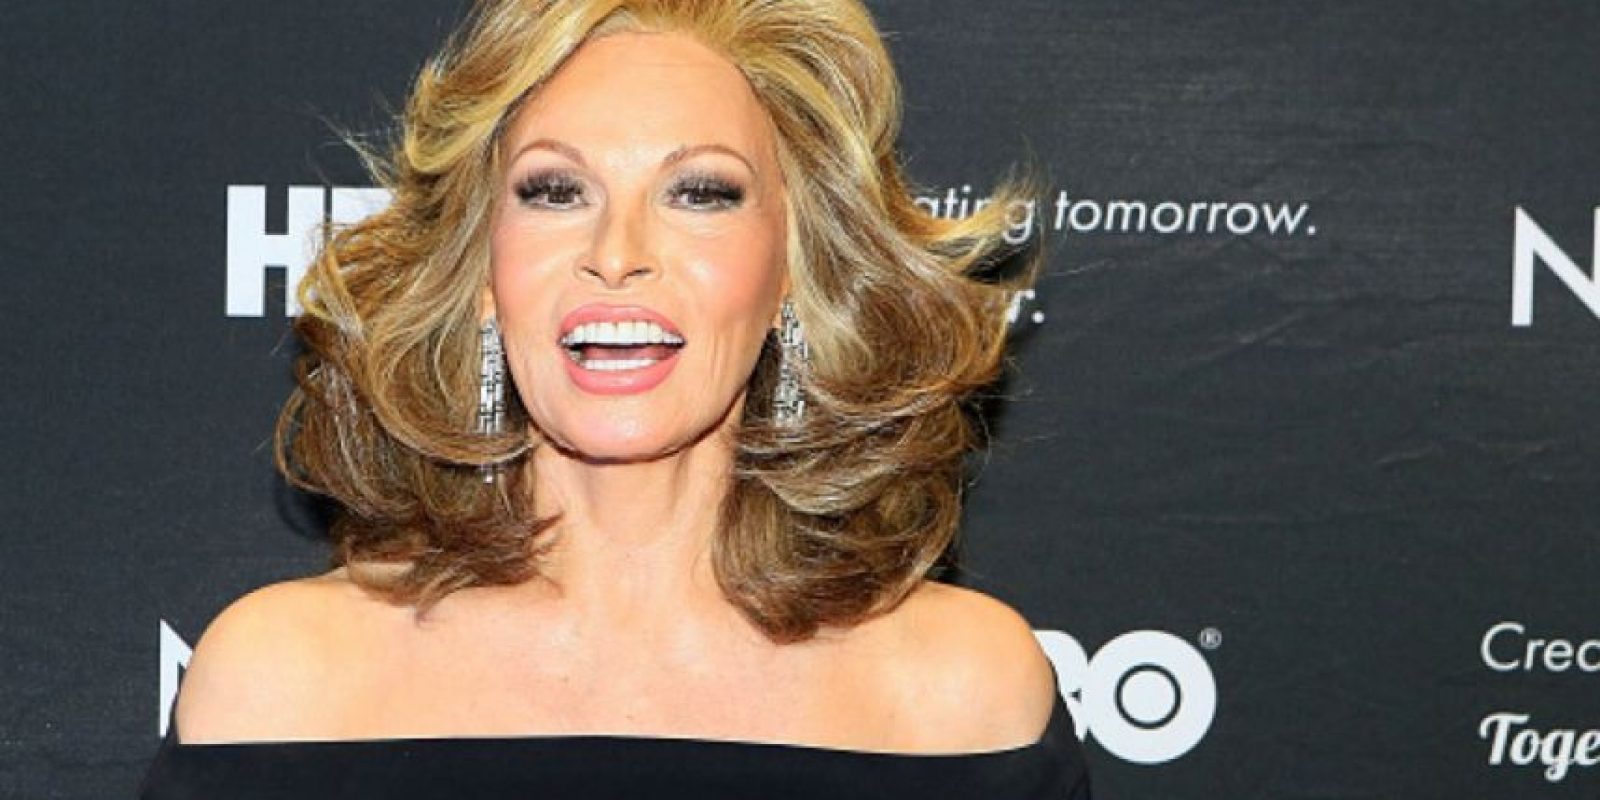 Afirma que le gustan los hombres más jóvenes que ella. Foto:vía Getty Images